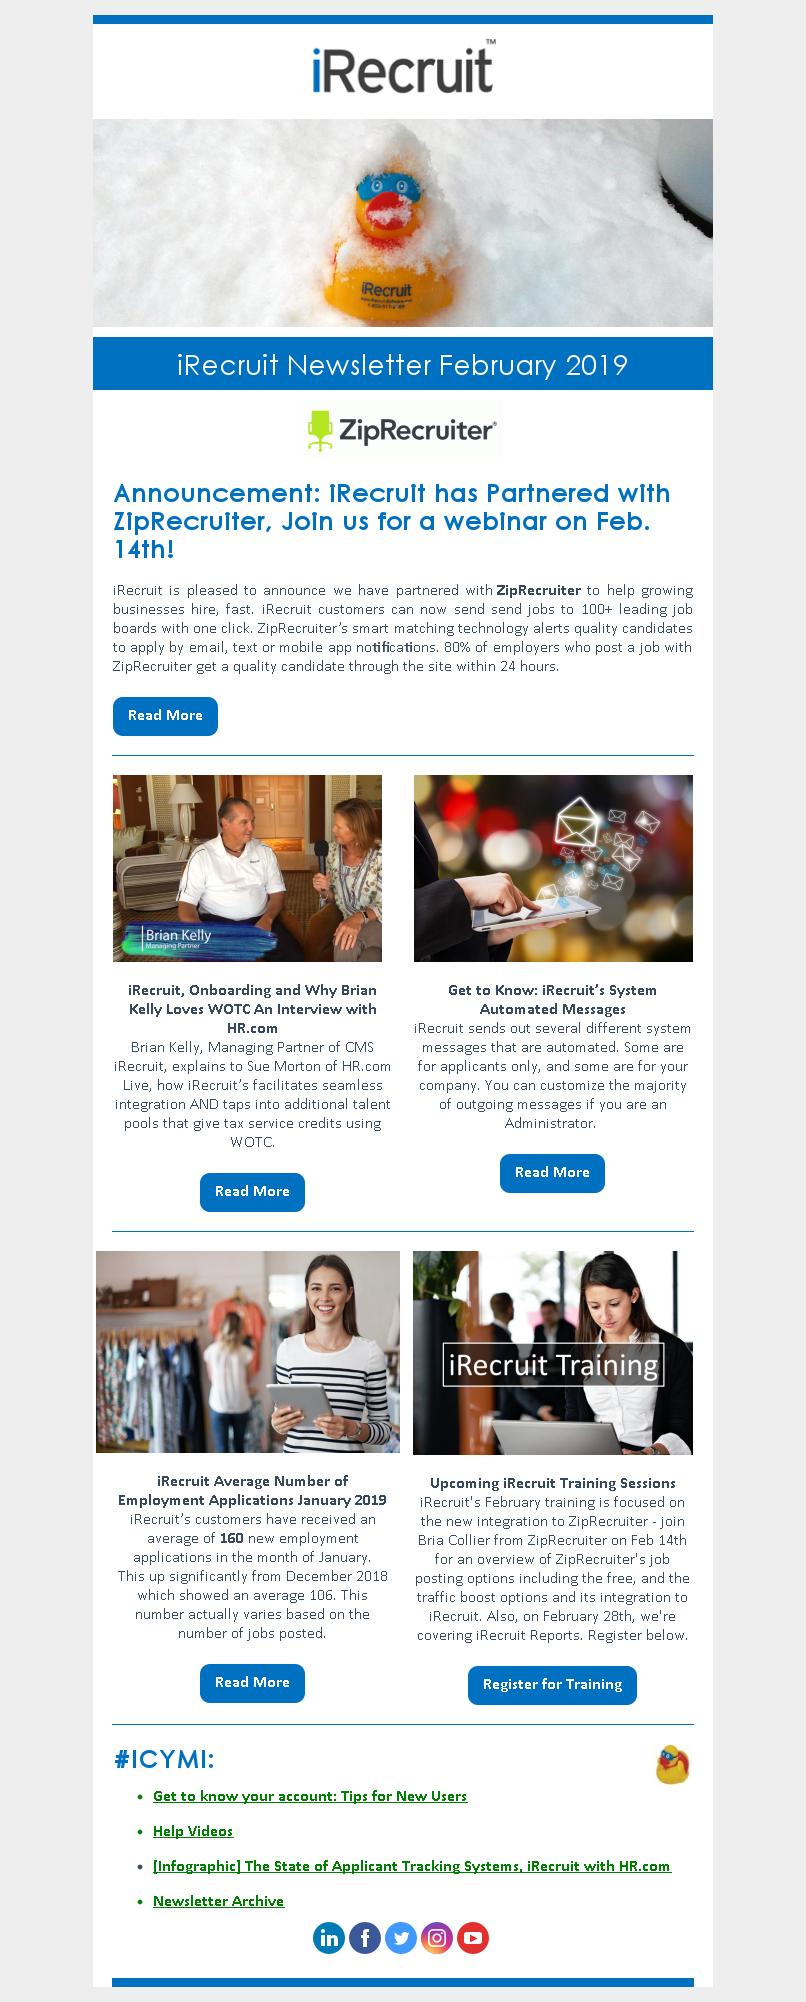 iRecruit Customer Newsletter February 2019